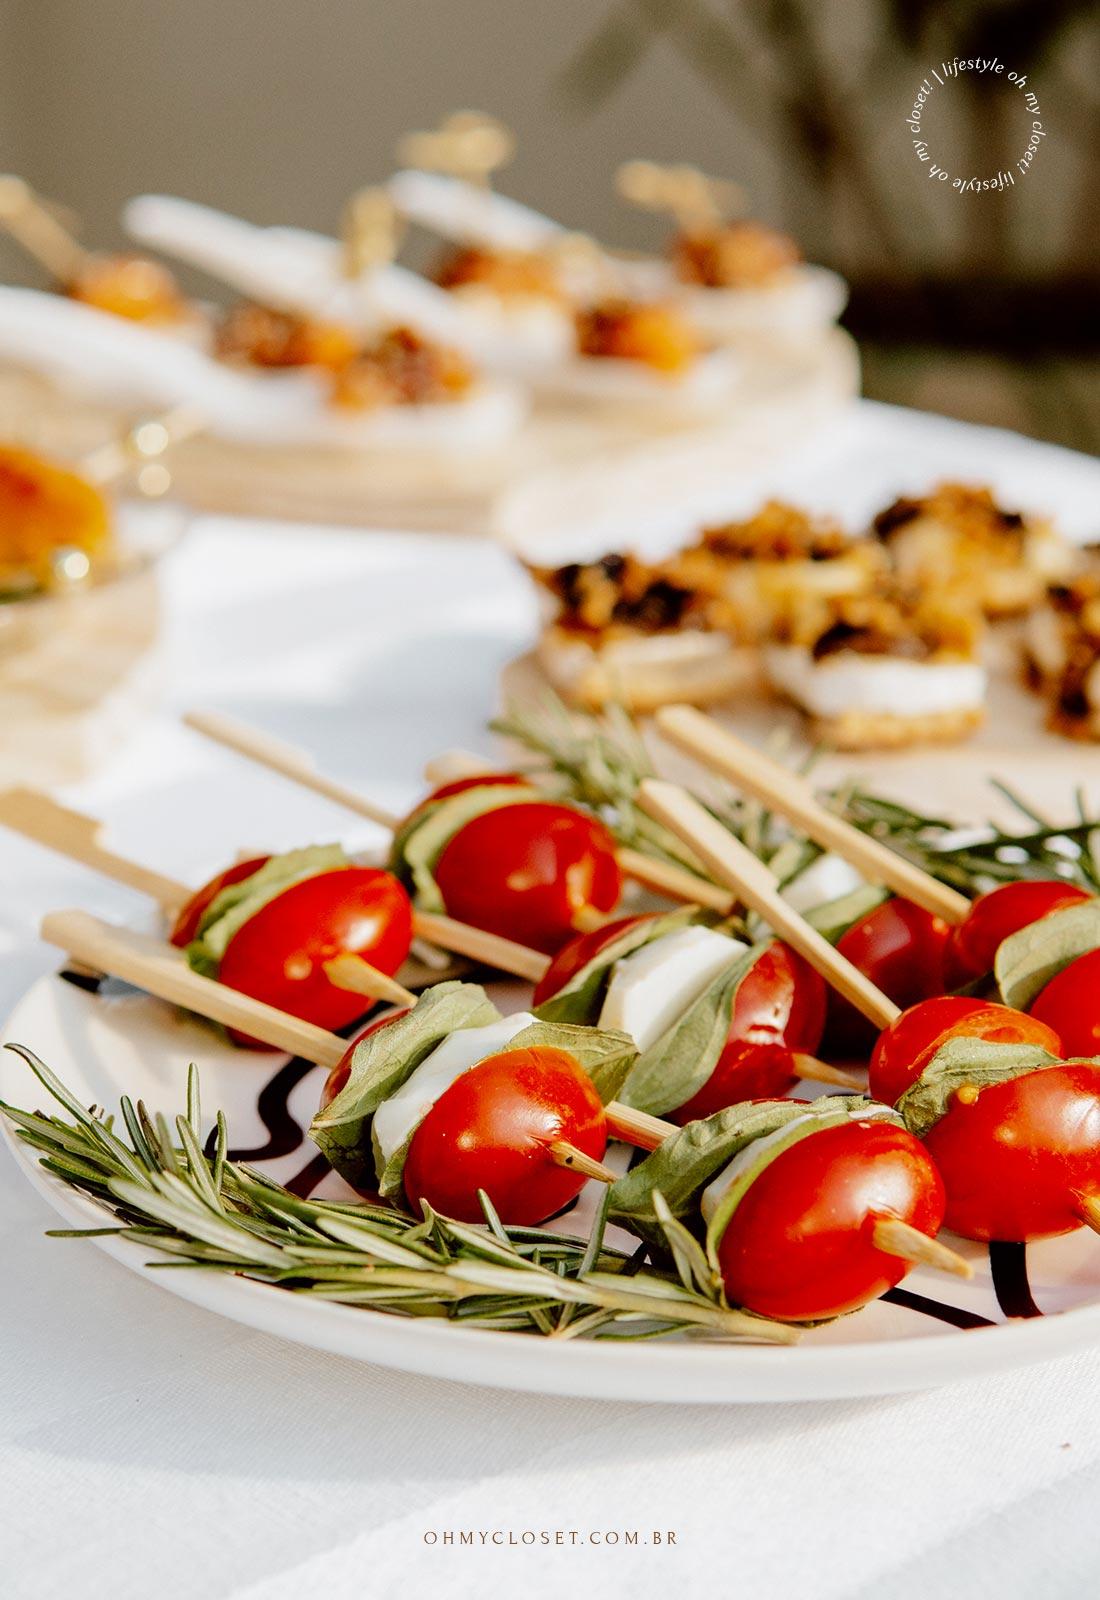 Outro ângulo do palito de tomatinho cereja com mussarela de bufala e manjericão.